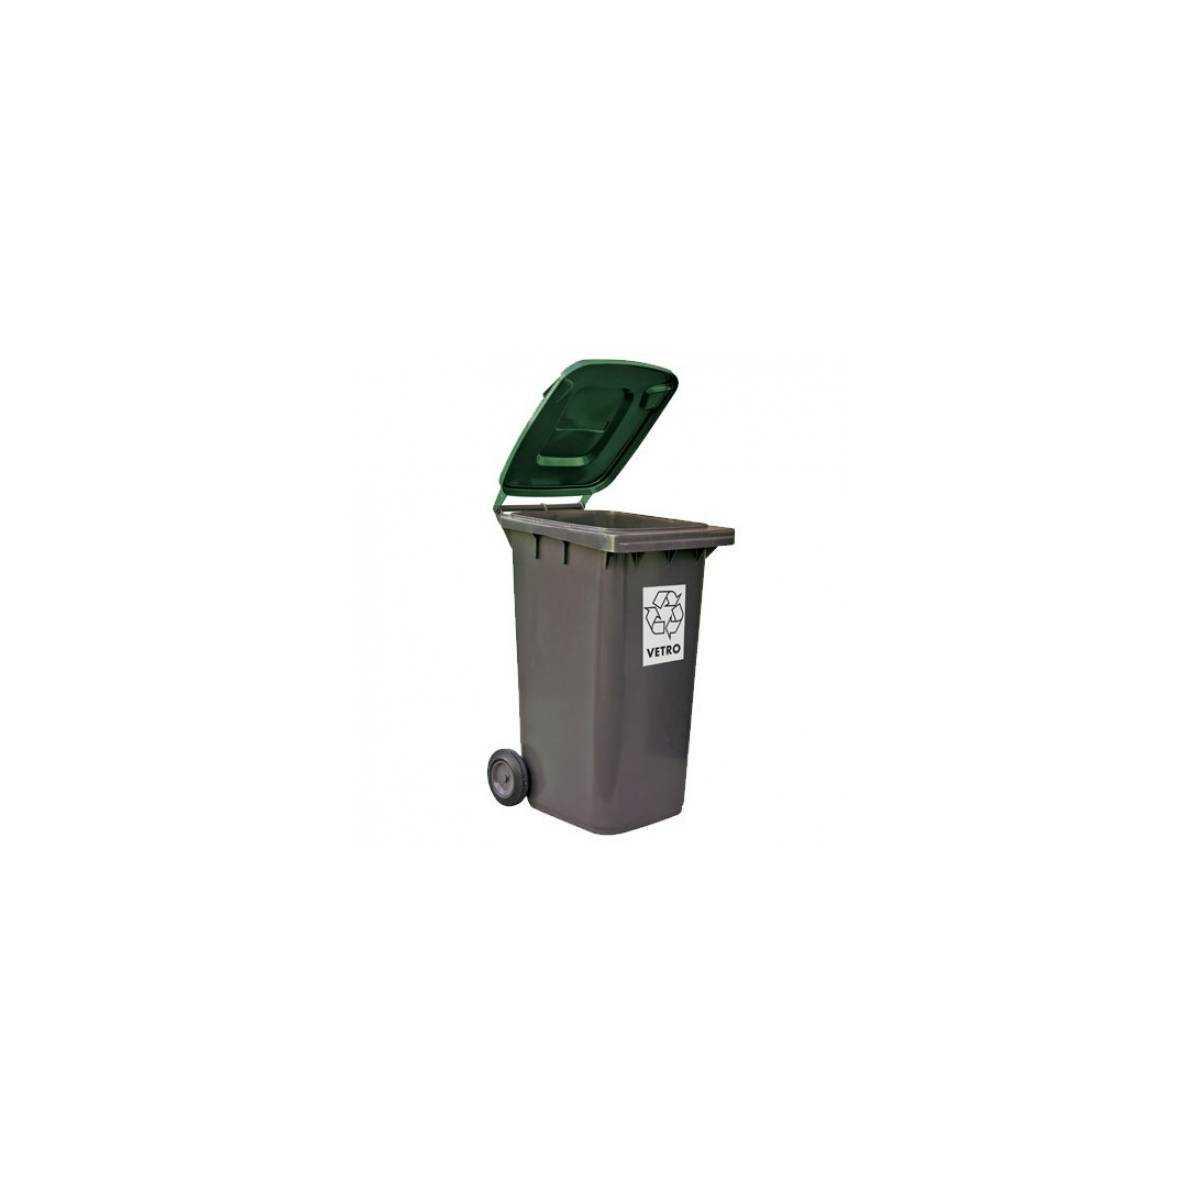 Контейнер для мусора 240л (5291GR) 5291GR Mar Plast